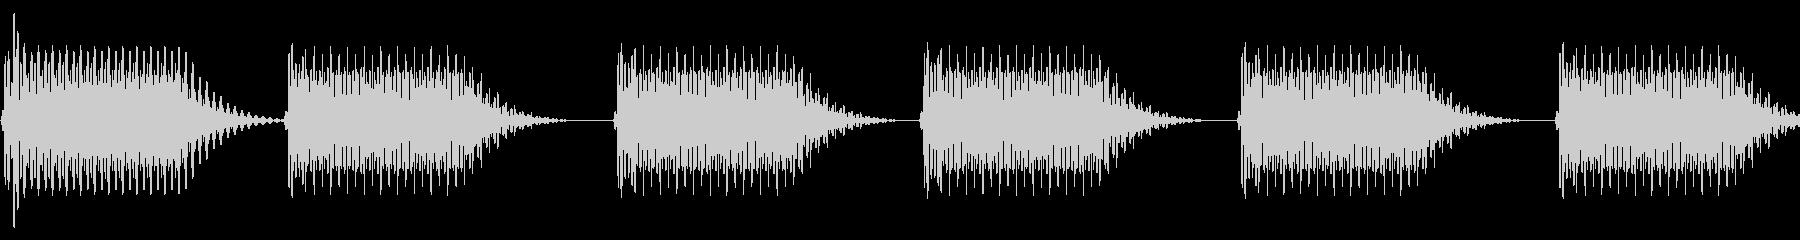 往年のRPG風 セリフ・吹き出し音 5の未再生の波形